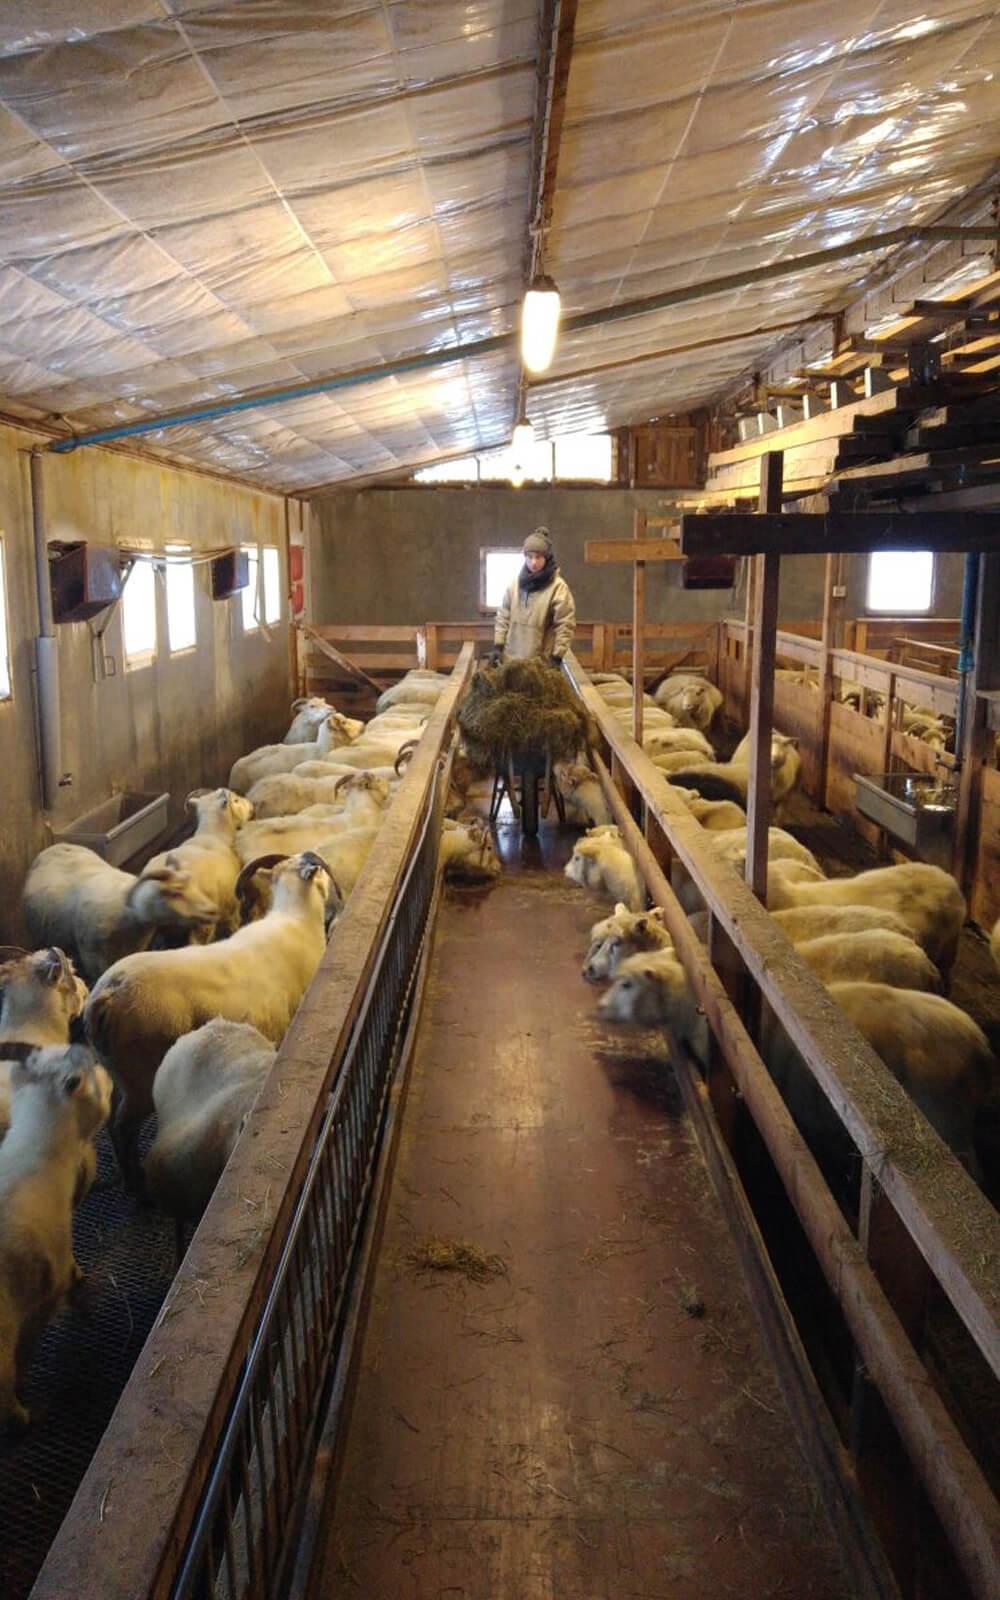 Stina mit Schubkarre voll Heu im Schafstall